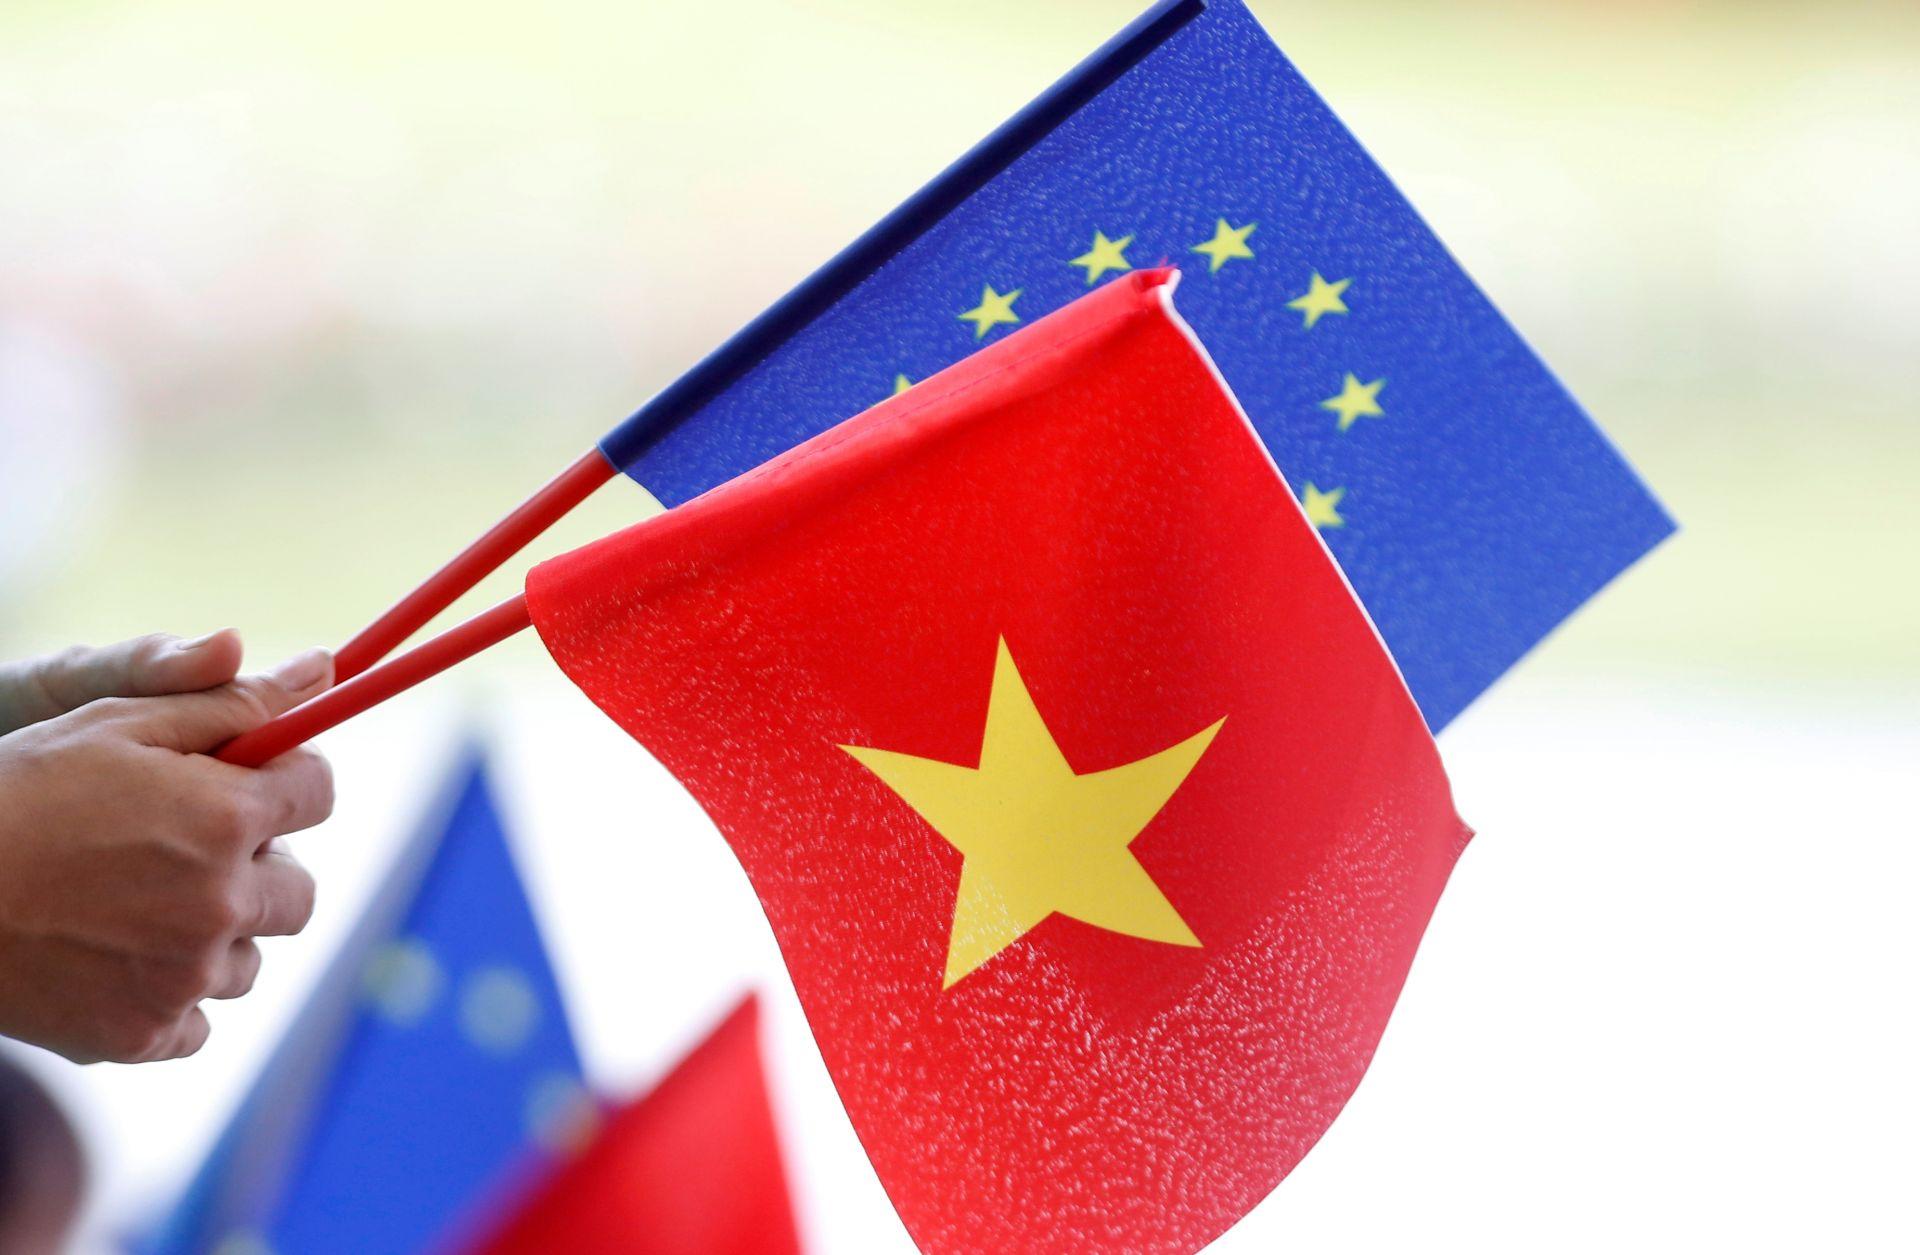 EVFTA: Cam kết trong Hiệp định IPA - Ảnh 1.